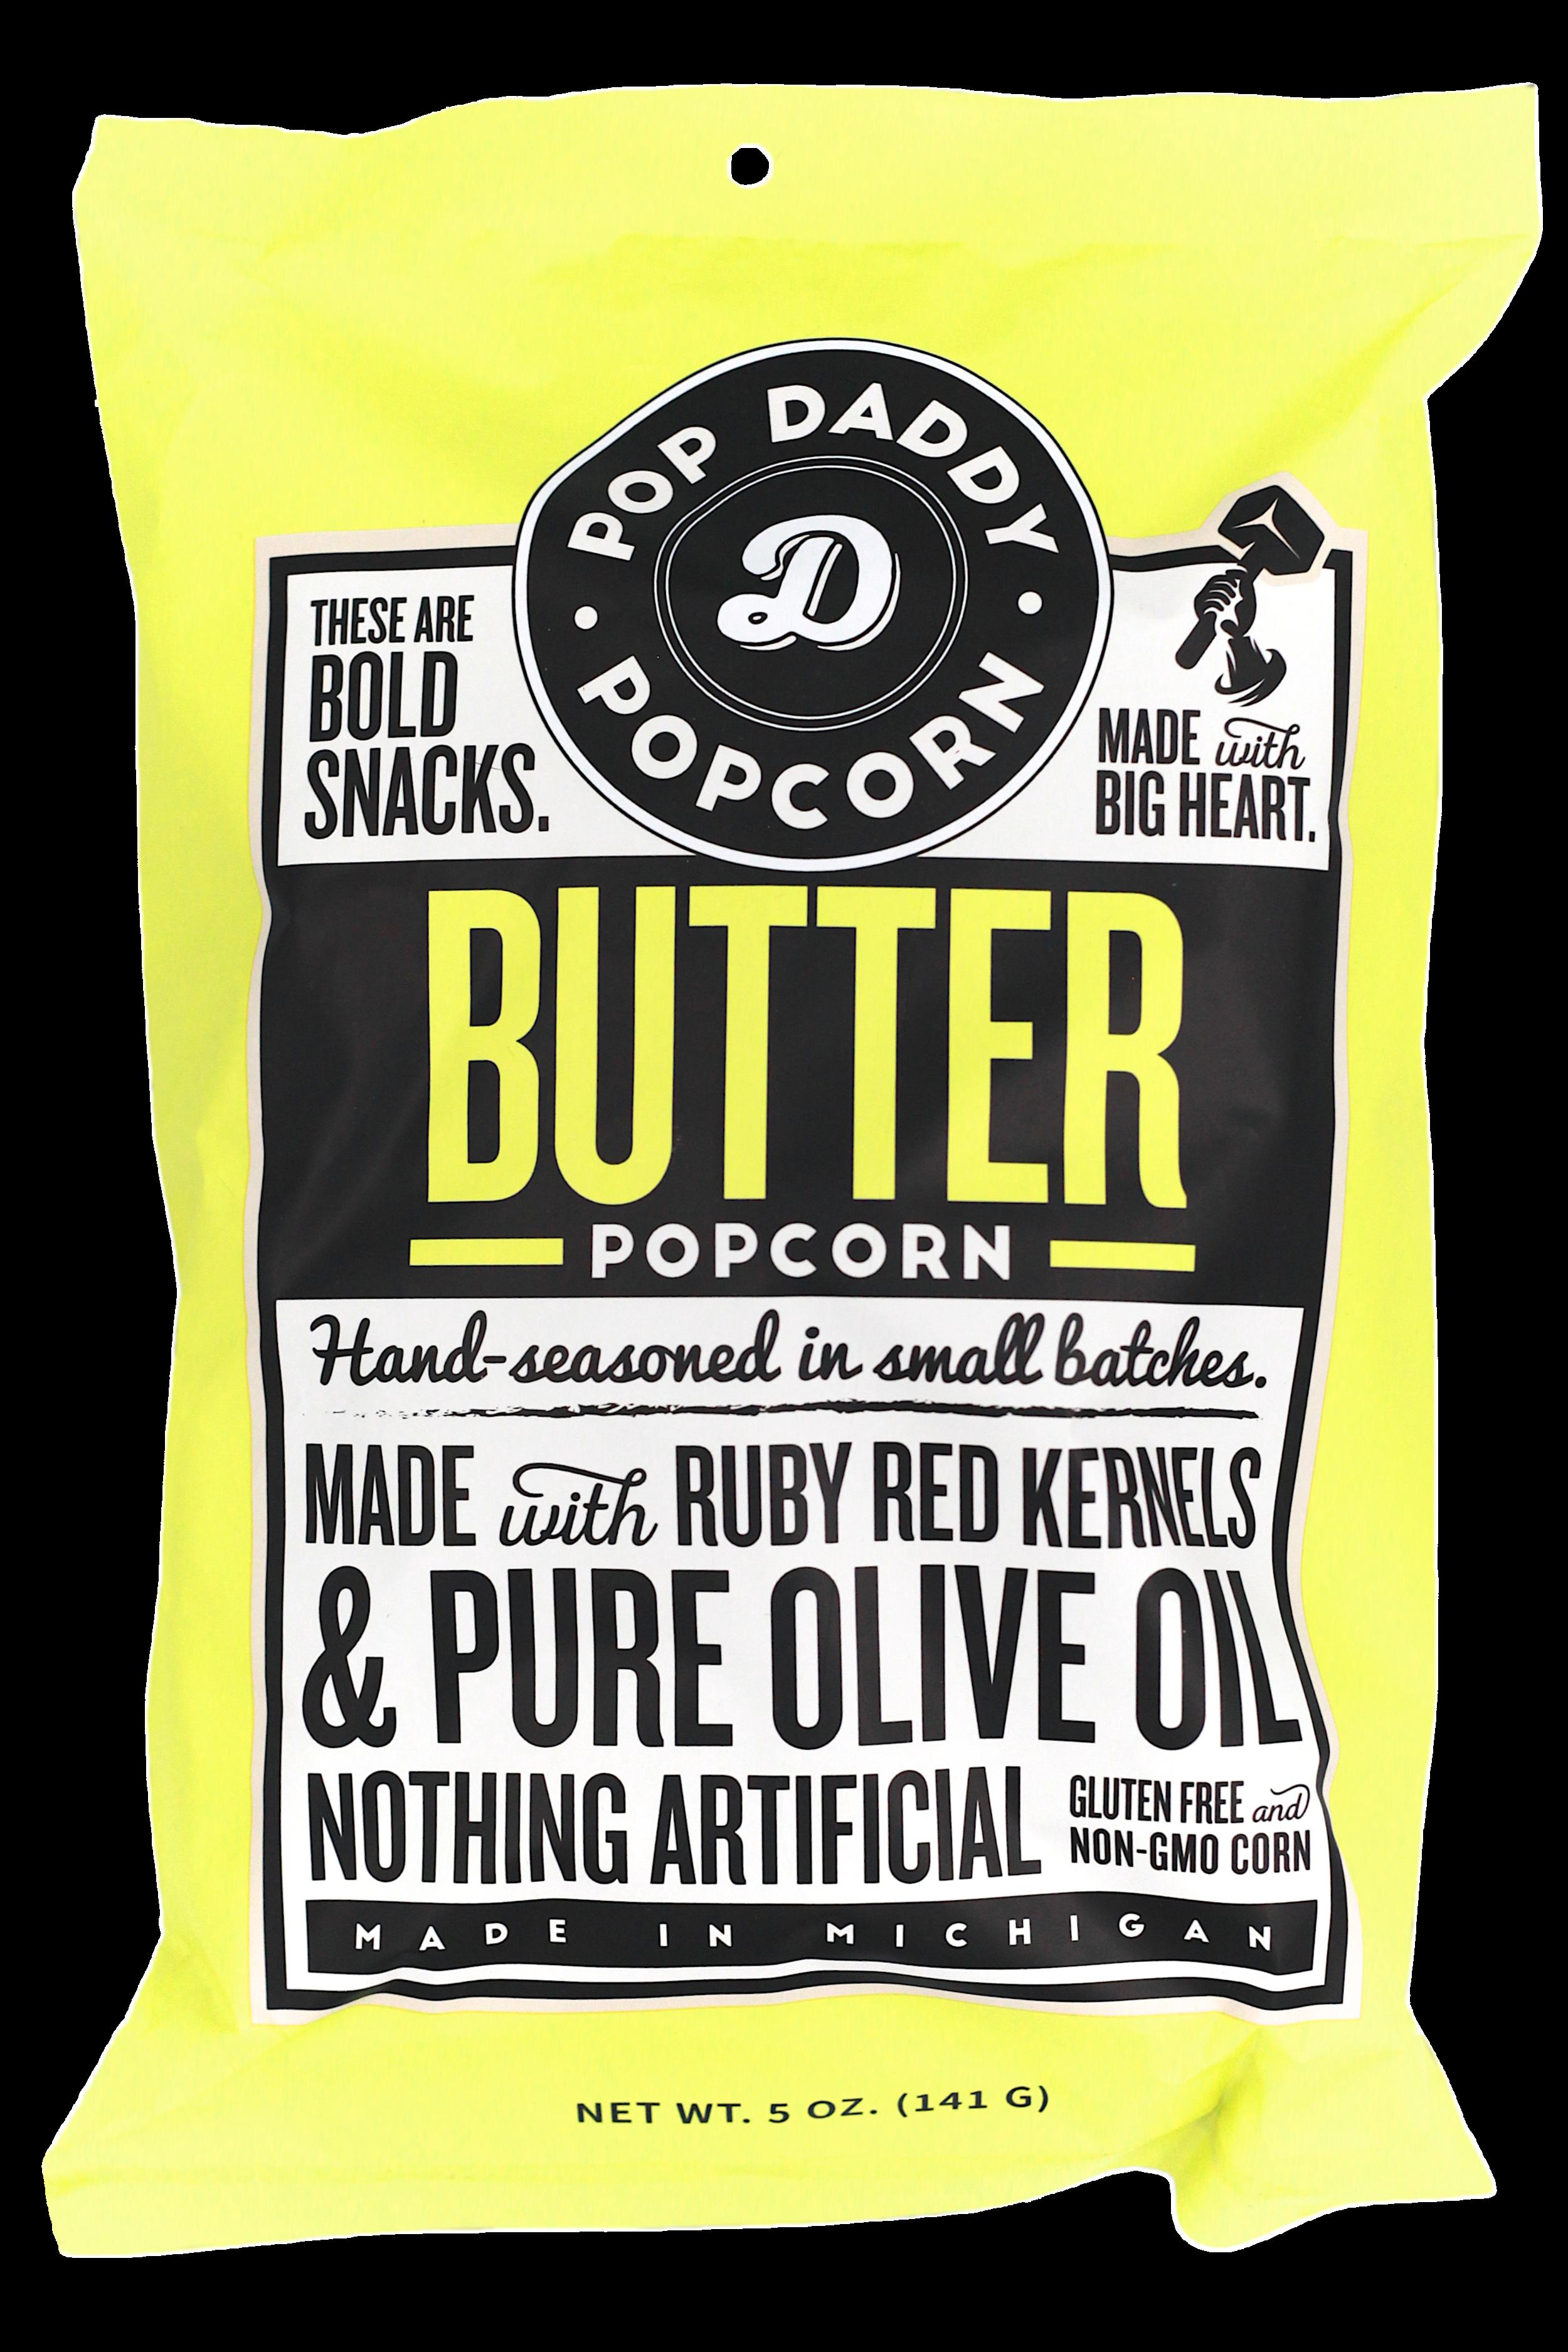 ButterPopcornRegular.png